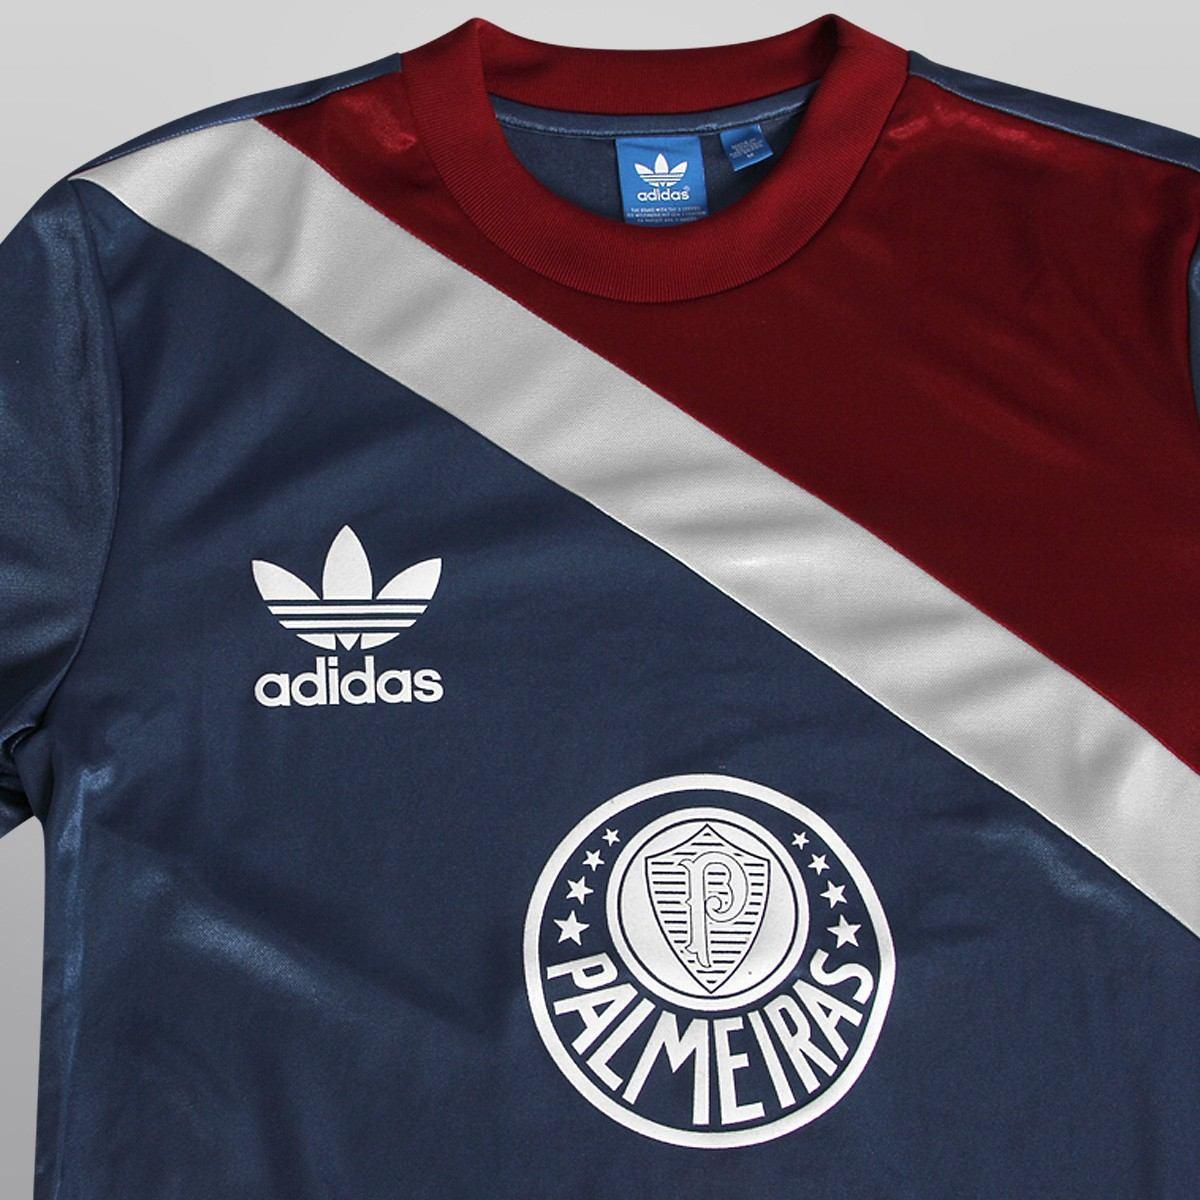 camisa palmeiras goleiro retrô adidas centenário original. Carregando zoom. 4340dac9ab86e